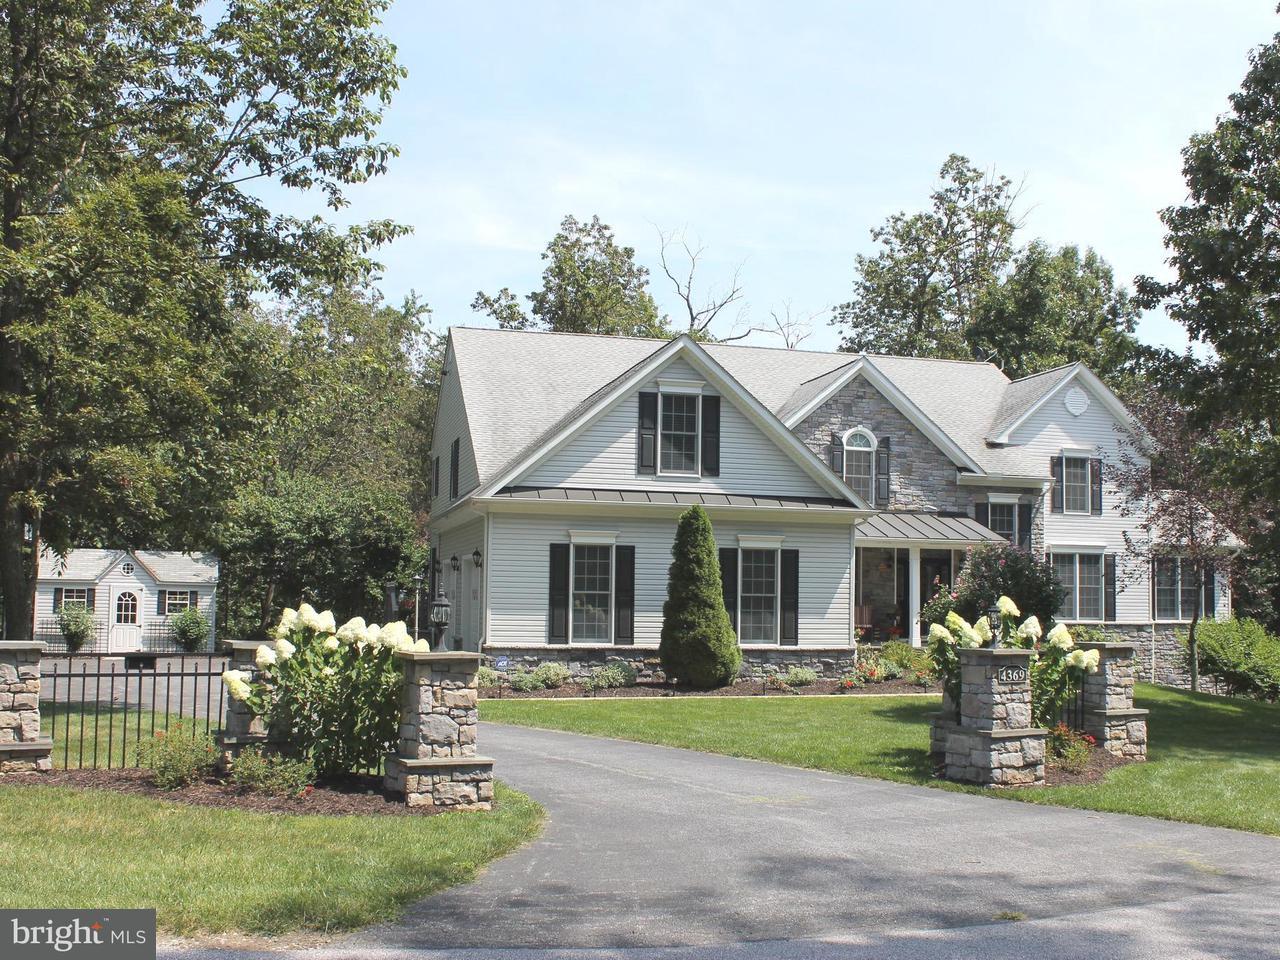 Casa Unifamiliar por un Venta en 4369 Partnership Dr N 4369 Partnership Dr N Manchester, Maryland 21102 Estados Unidos